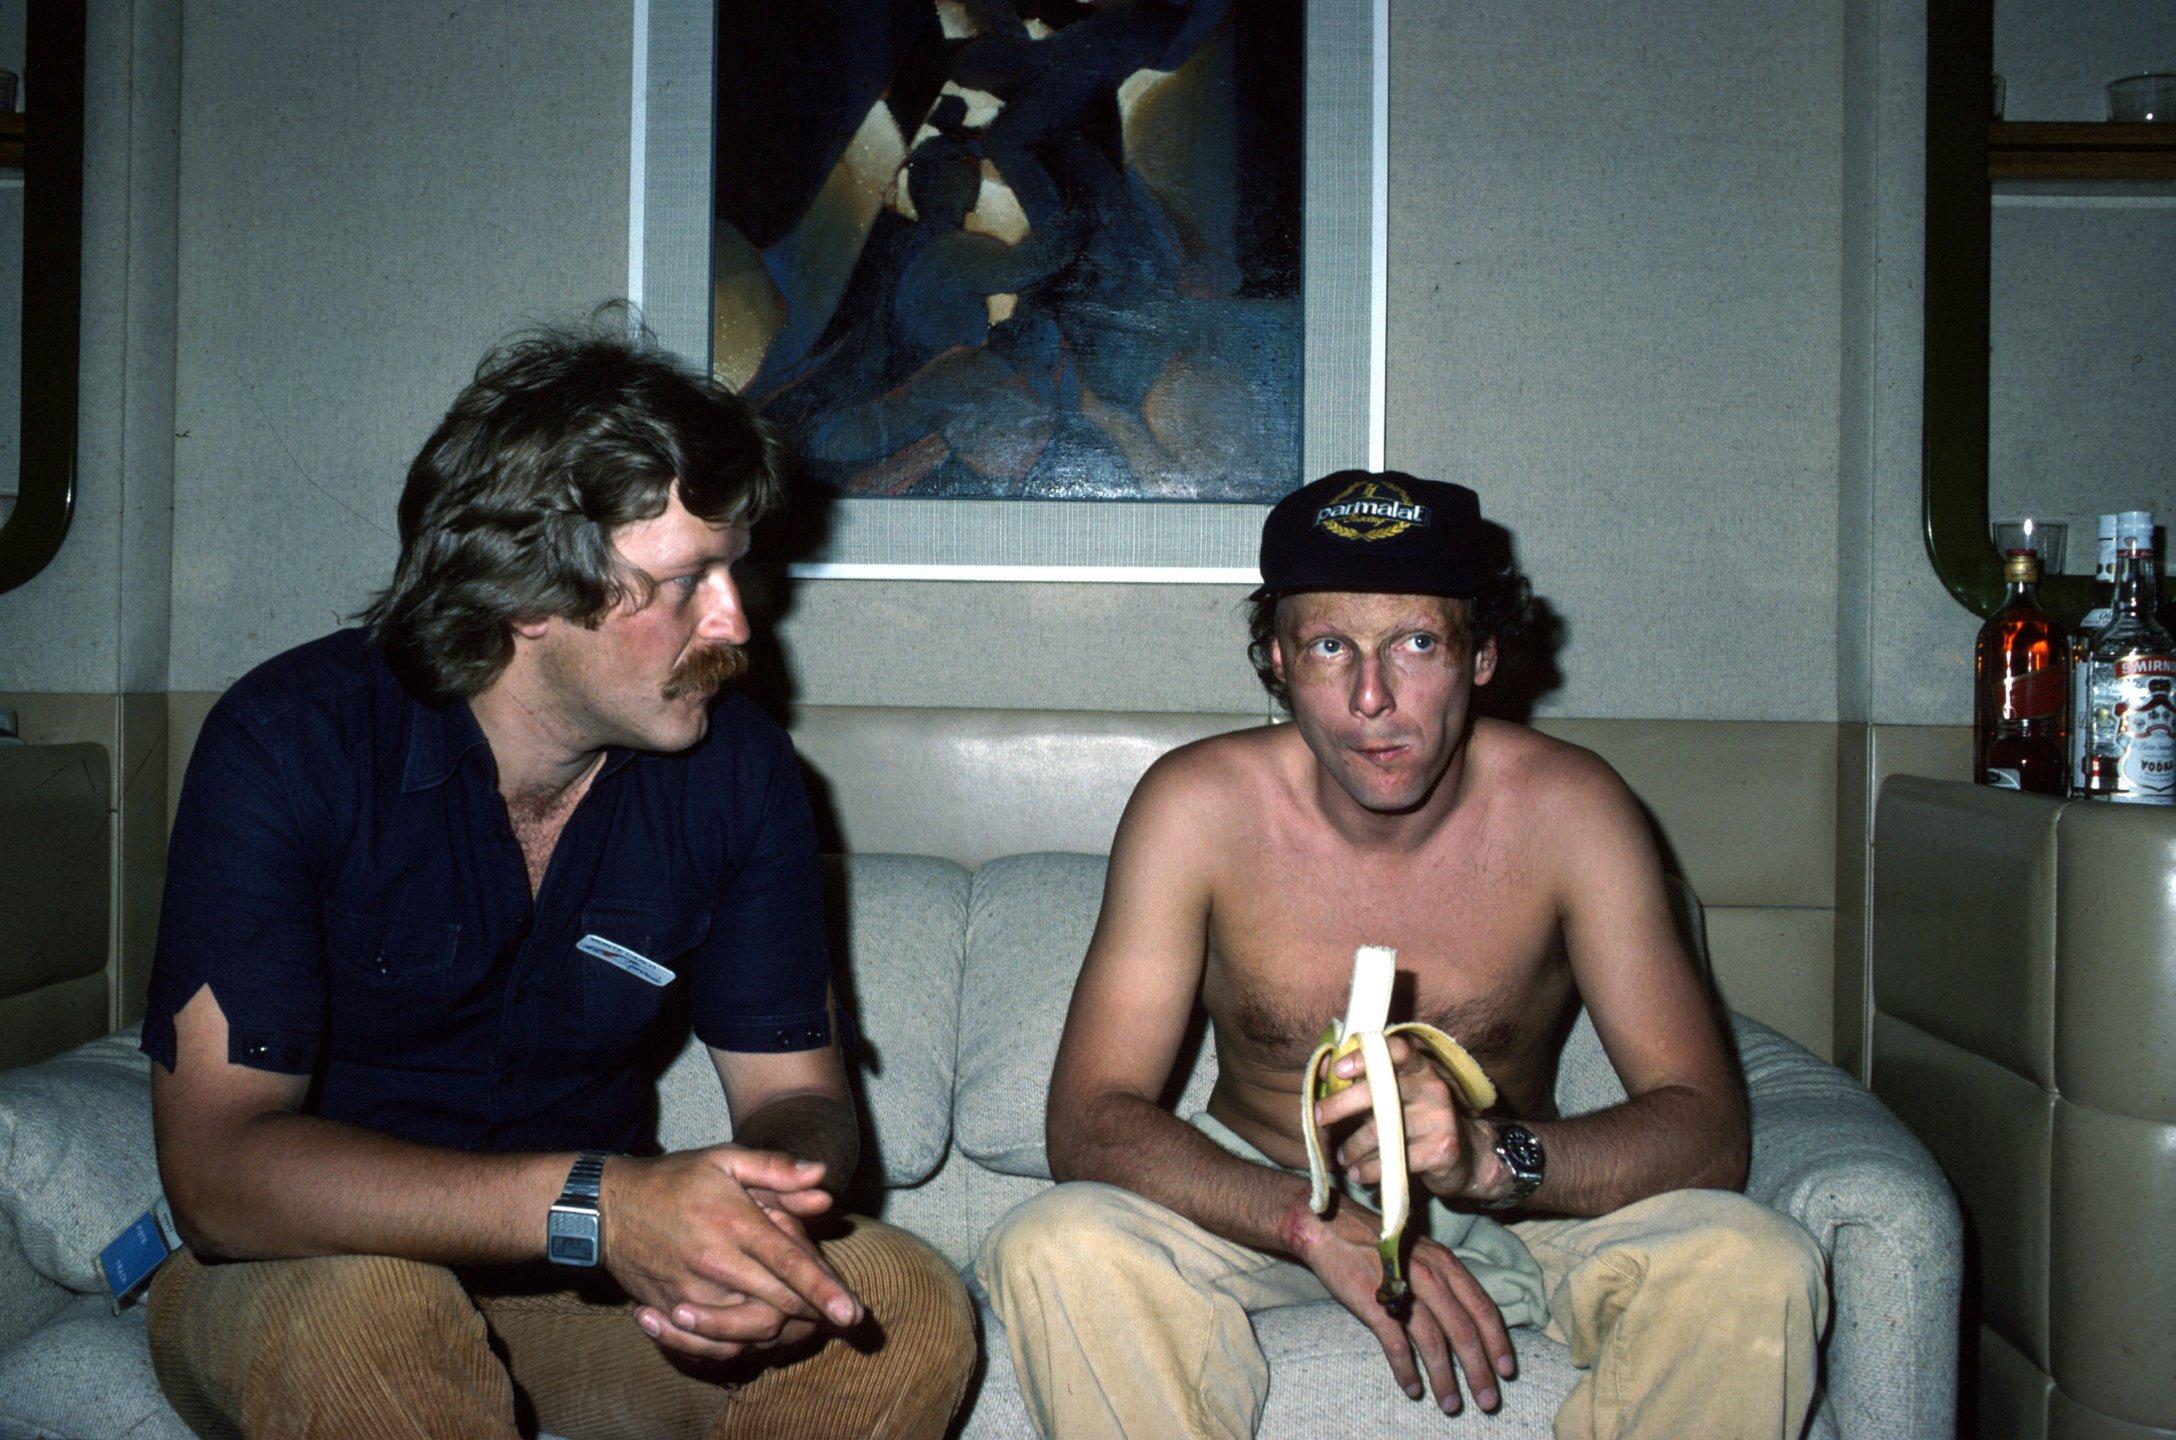 1979 - Monaco - Norbert Haug and Niki Lauda.jpg